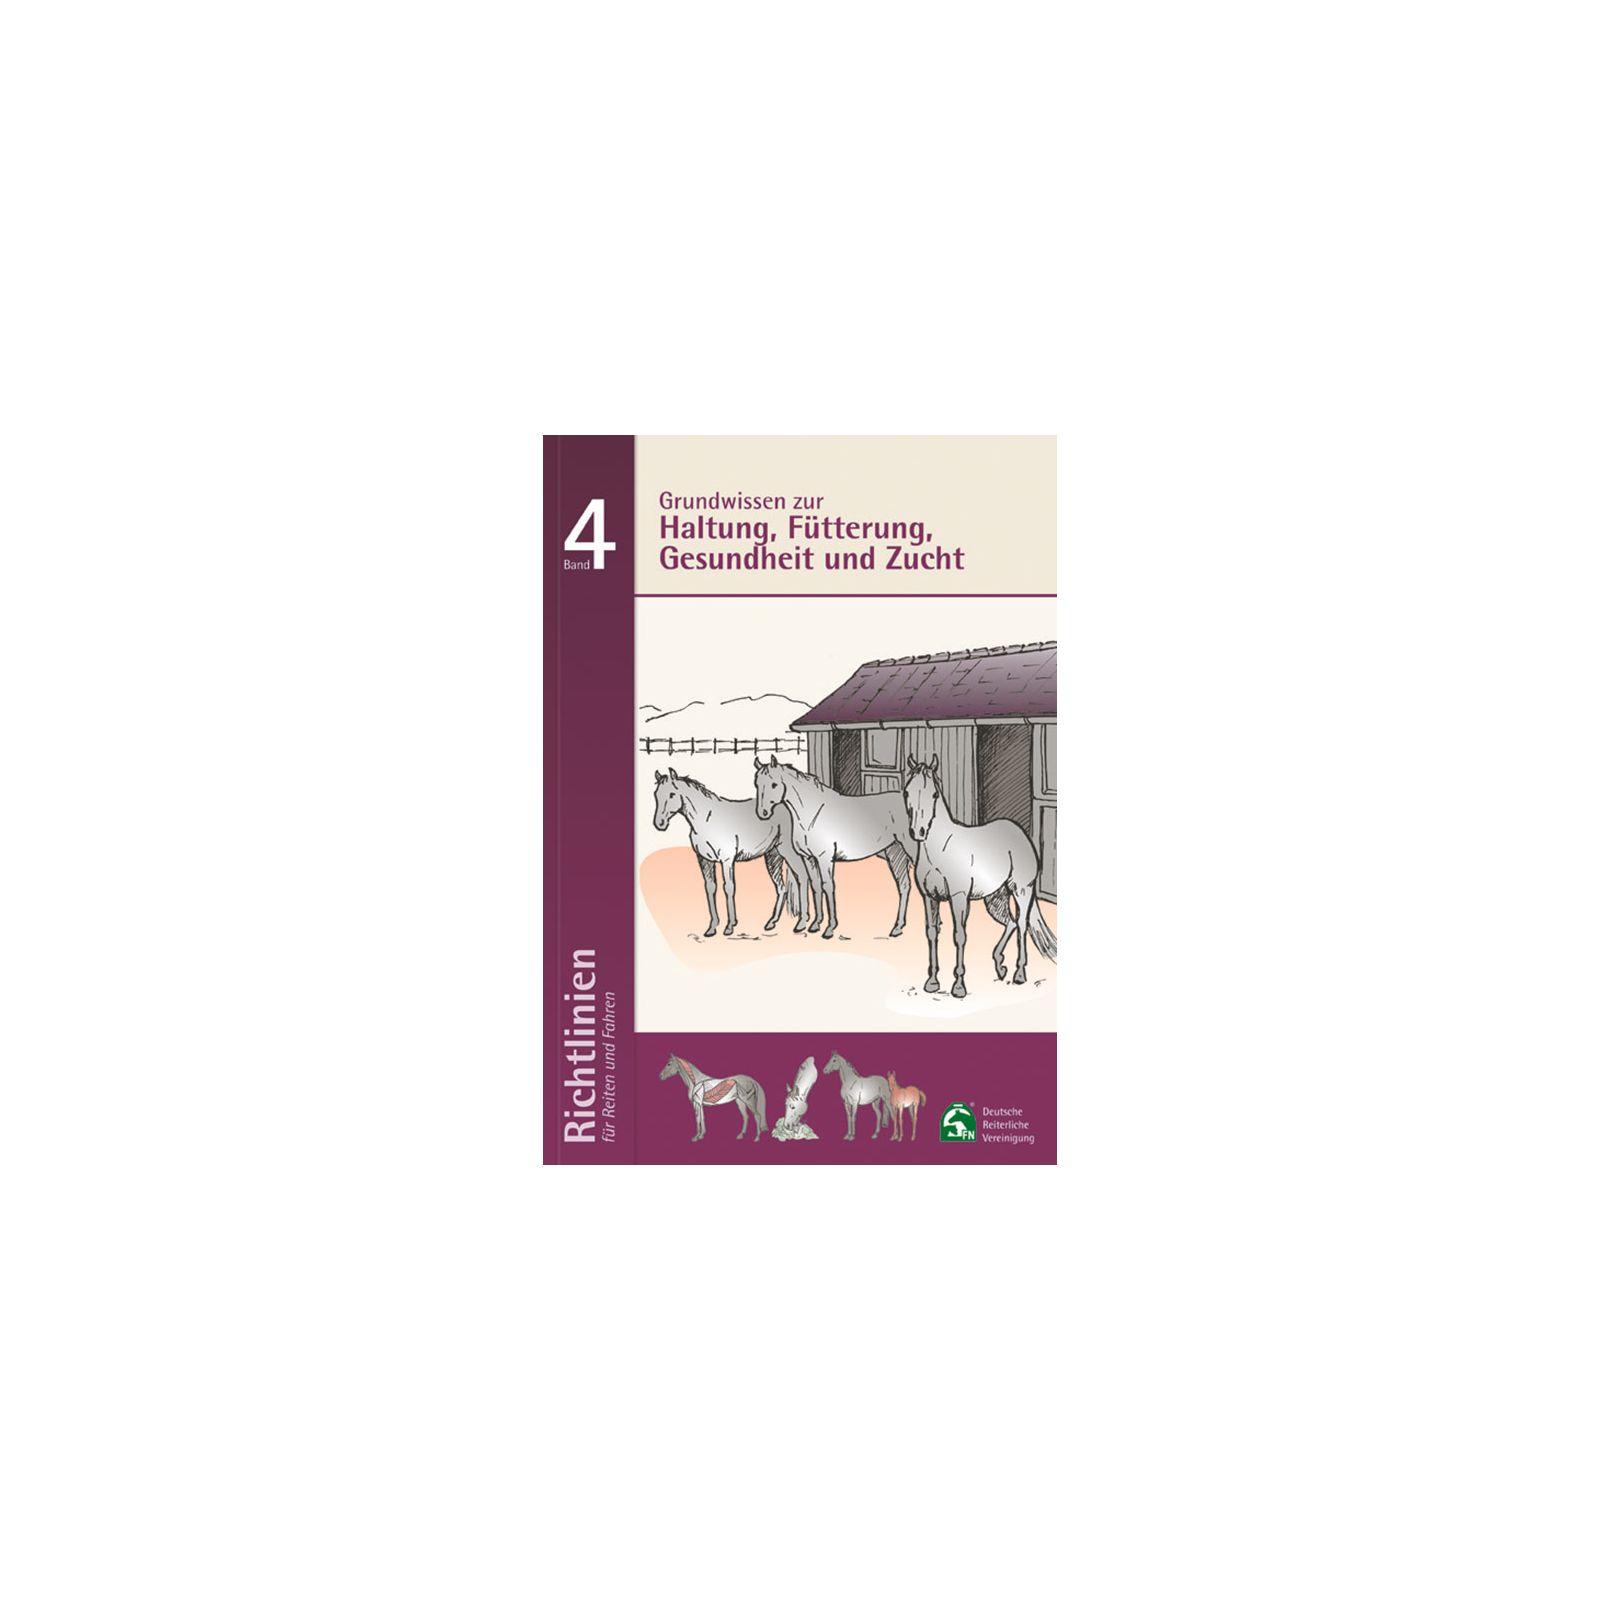 Richtlinien für Reiten und Fahren, Band 4